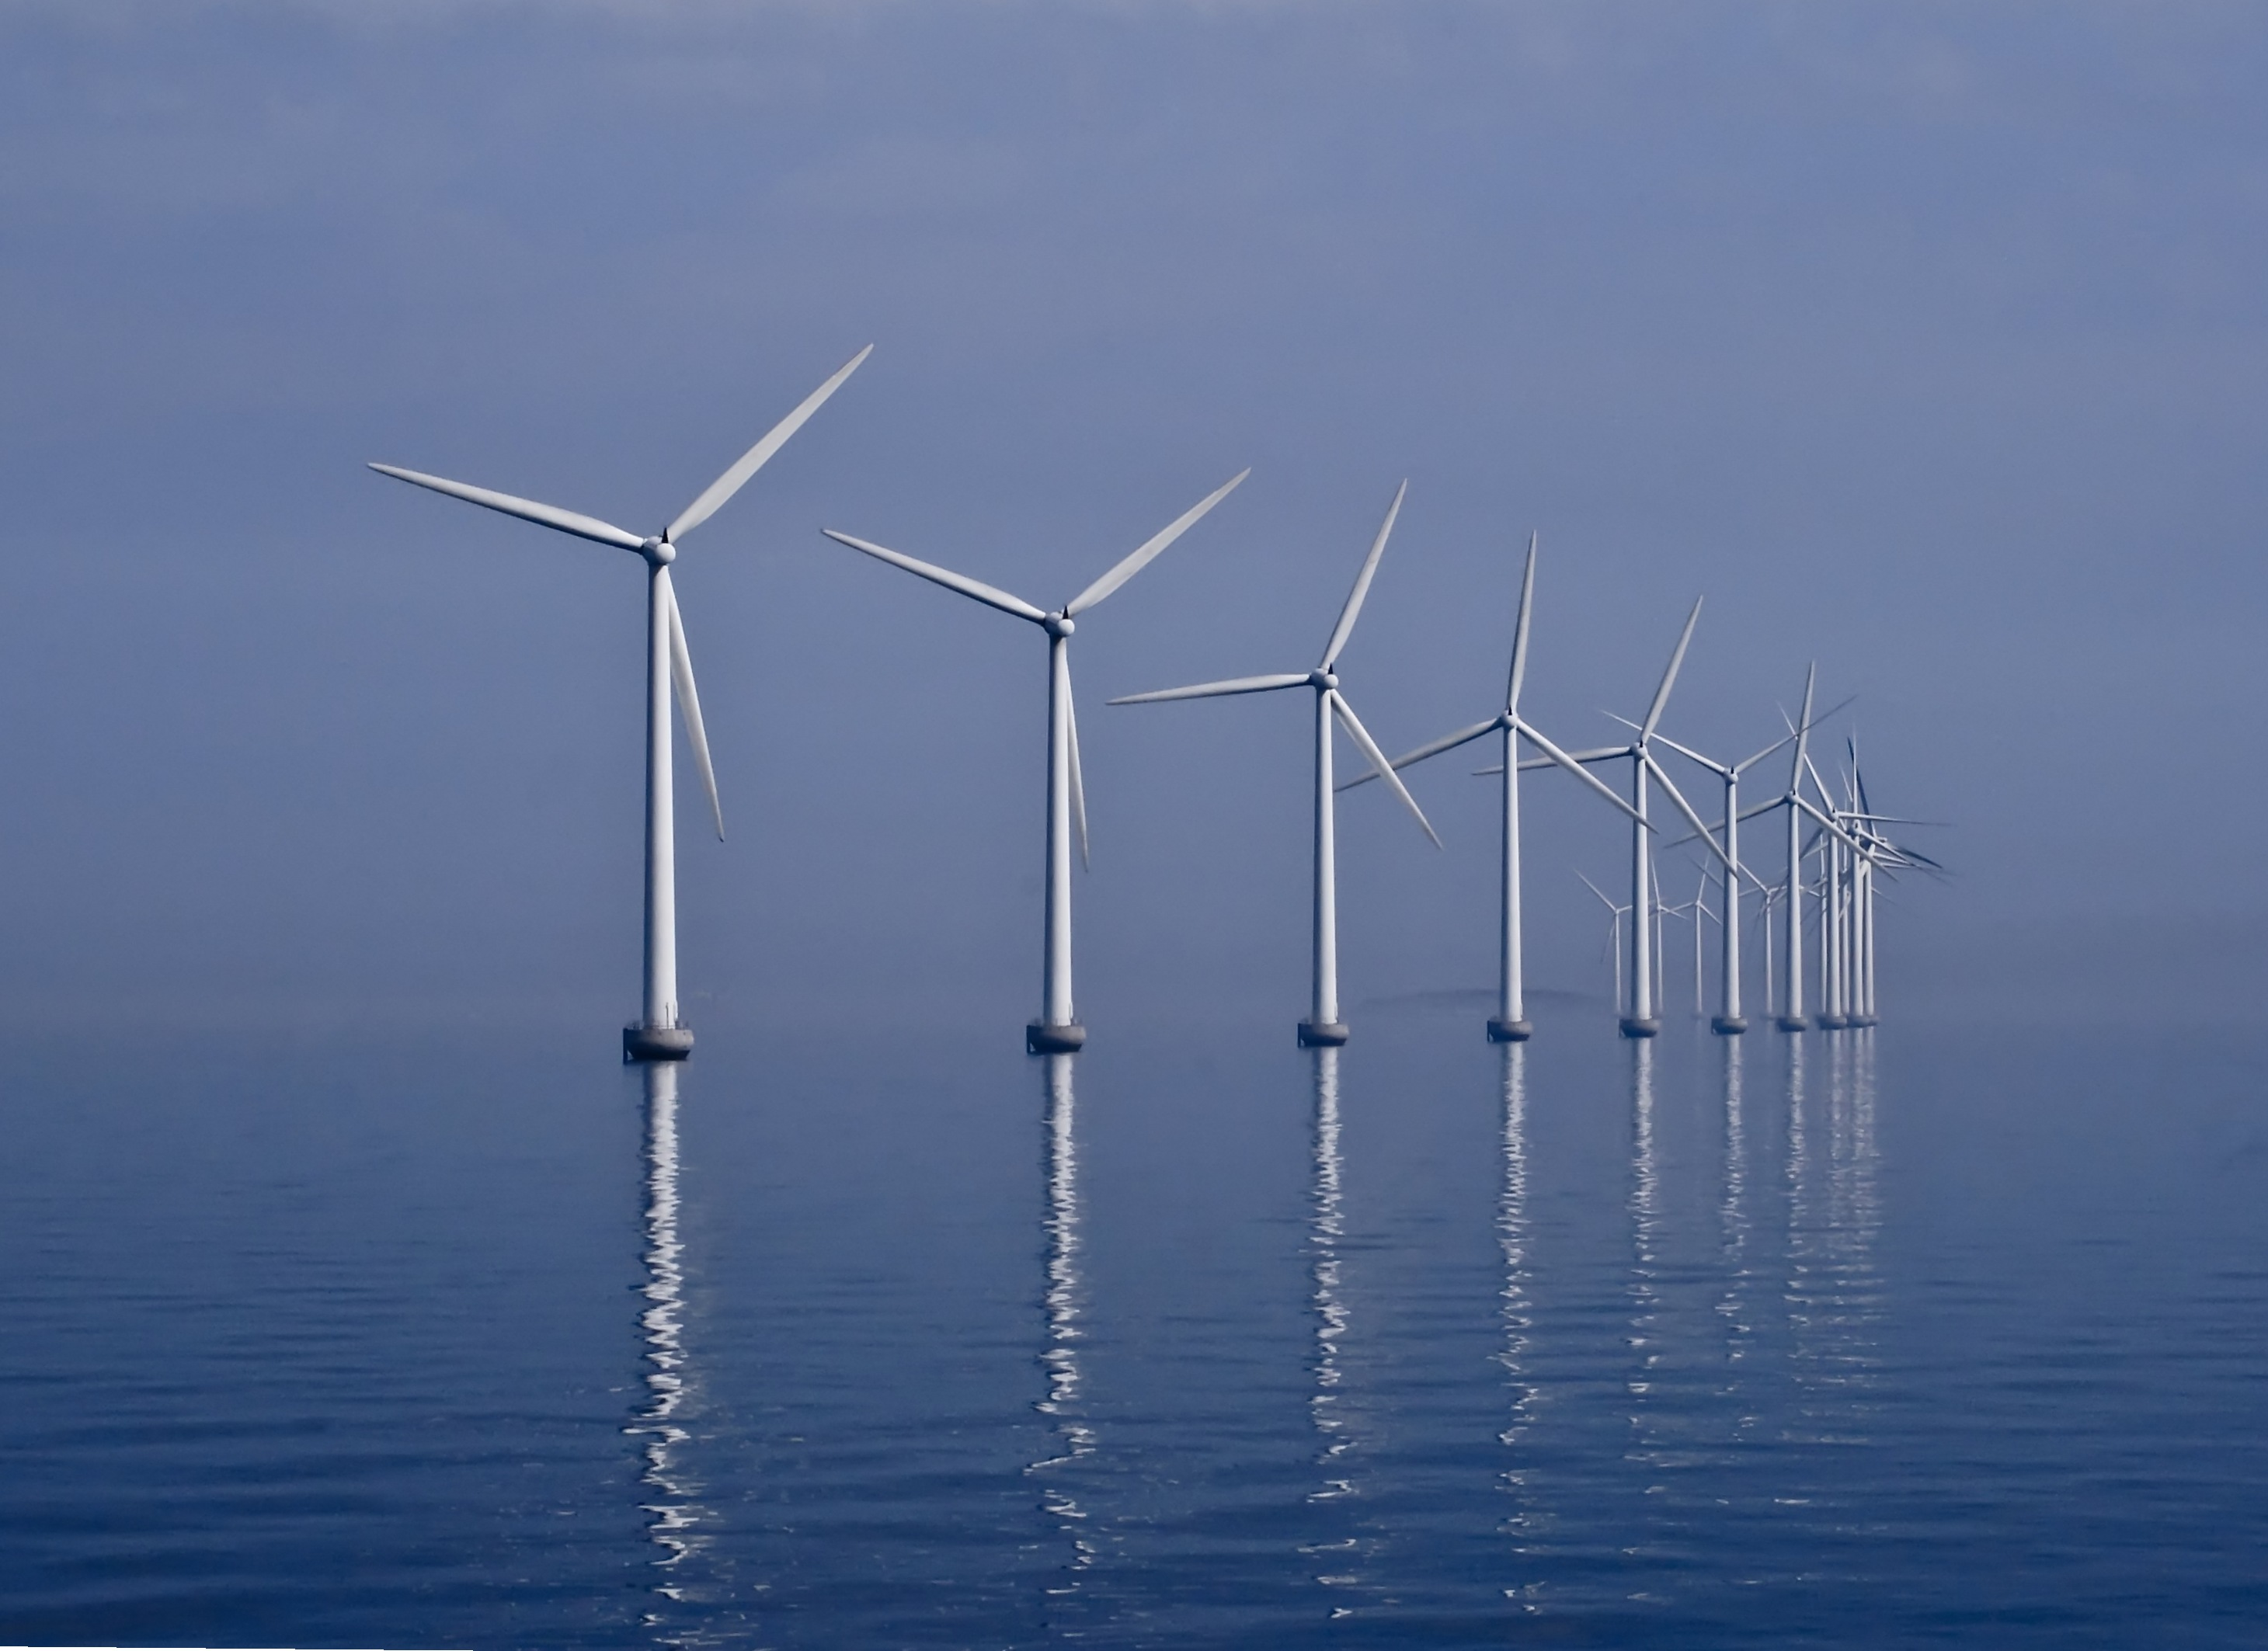 Champs d'éoliennes offshore de Middelgrunden, dans l'Øresund (Photo by Kim Hansen)